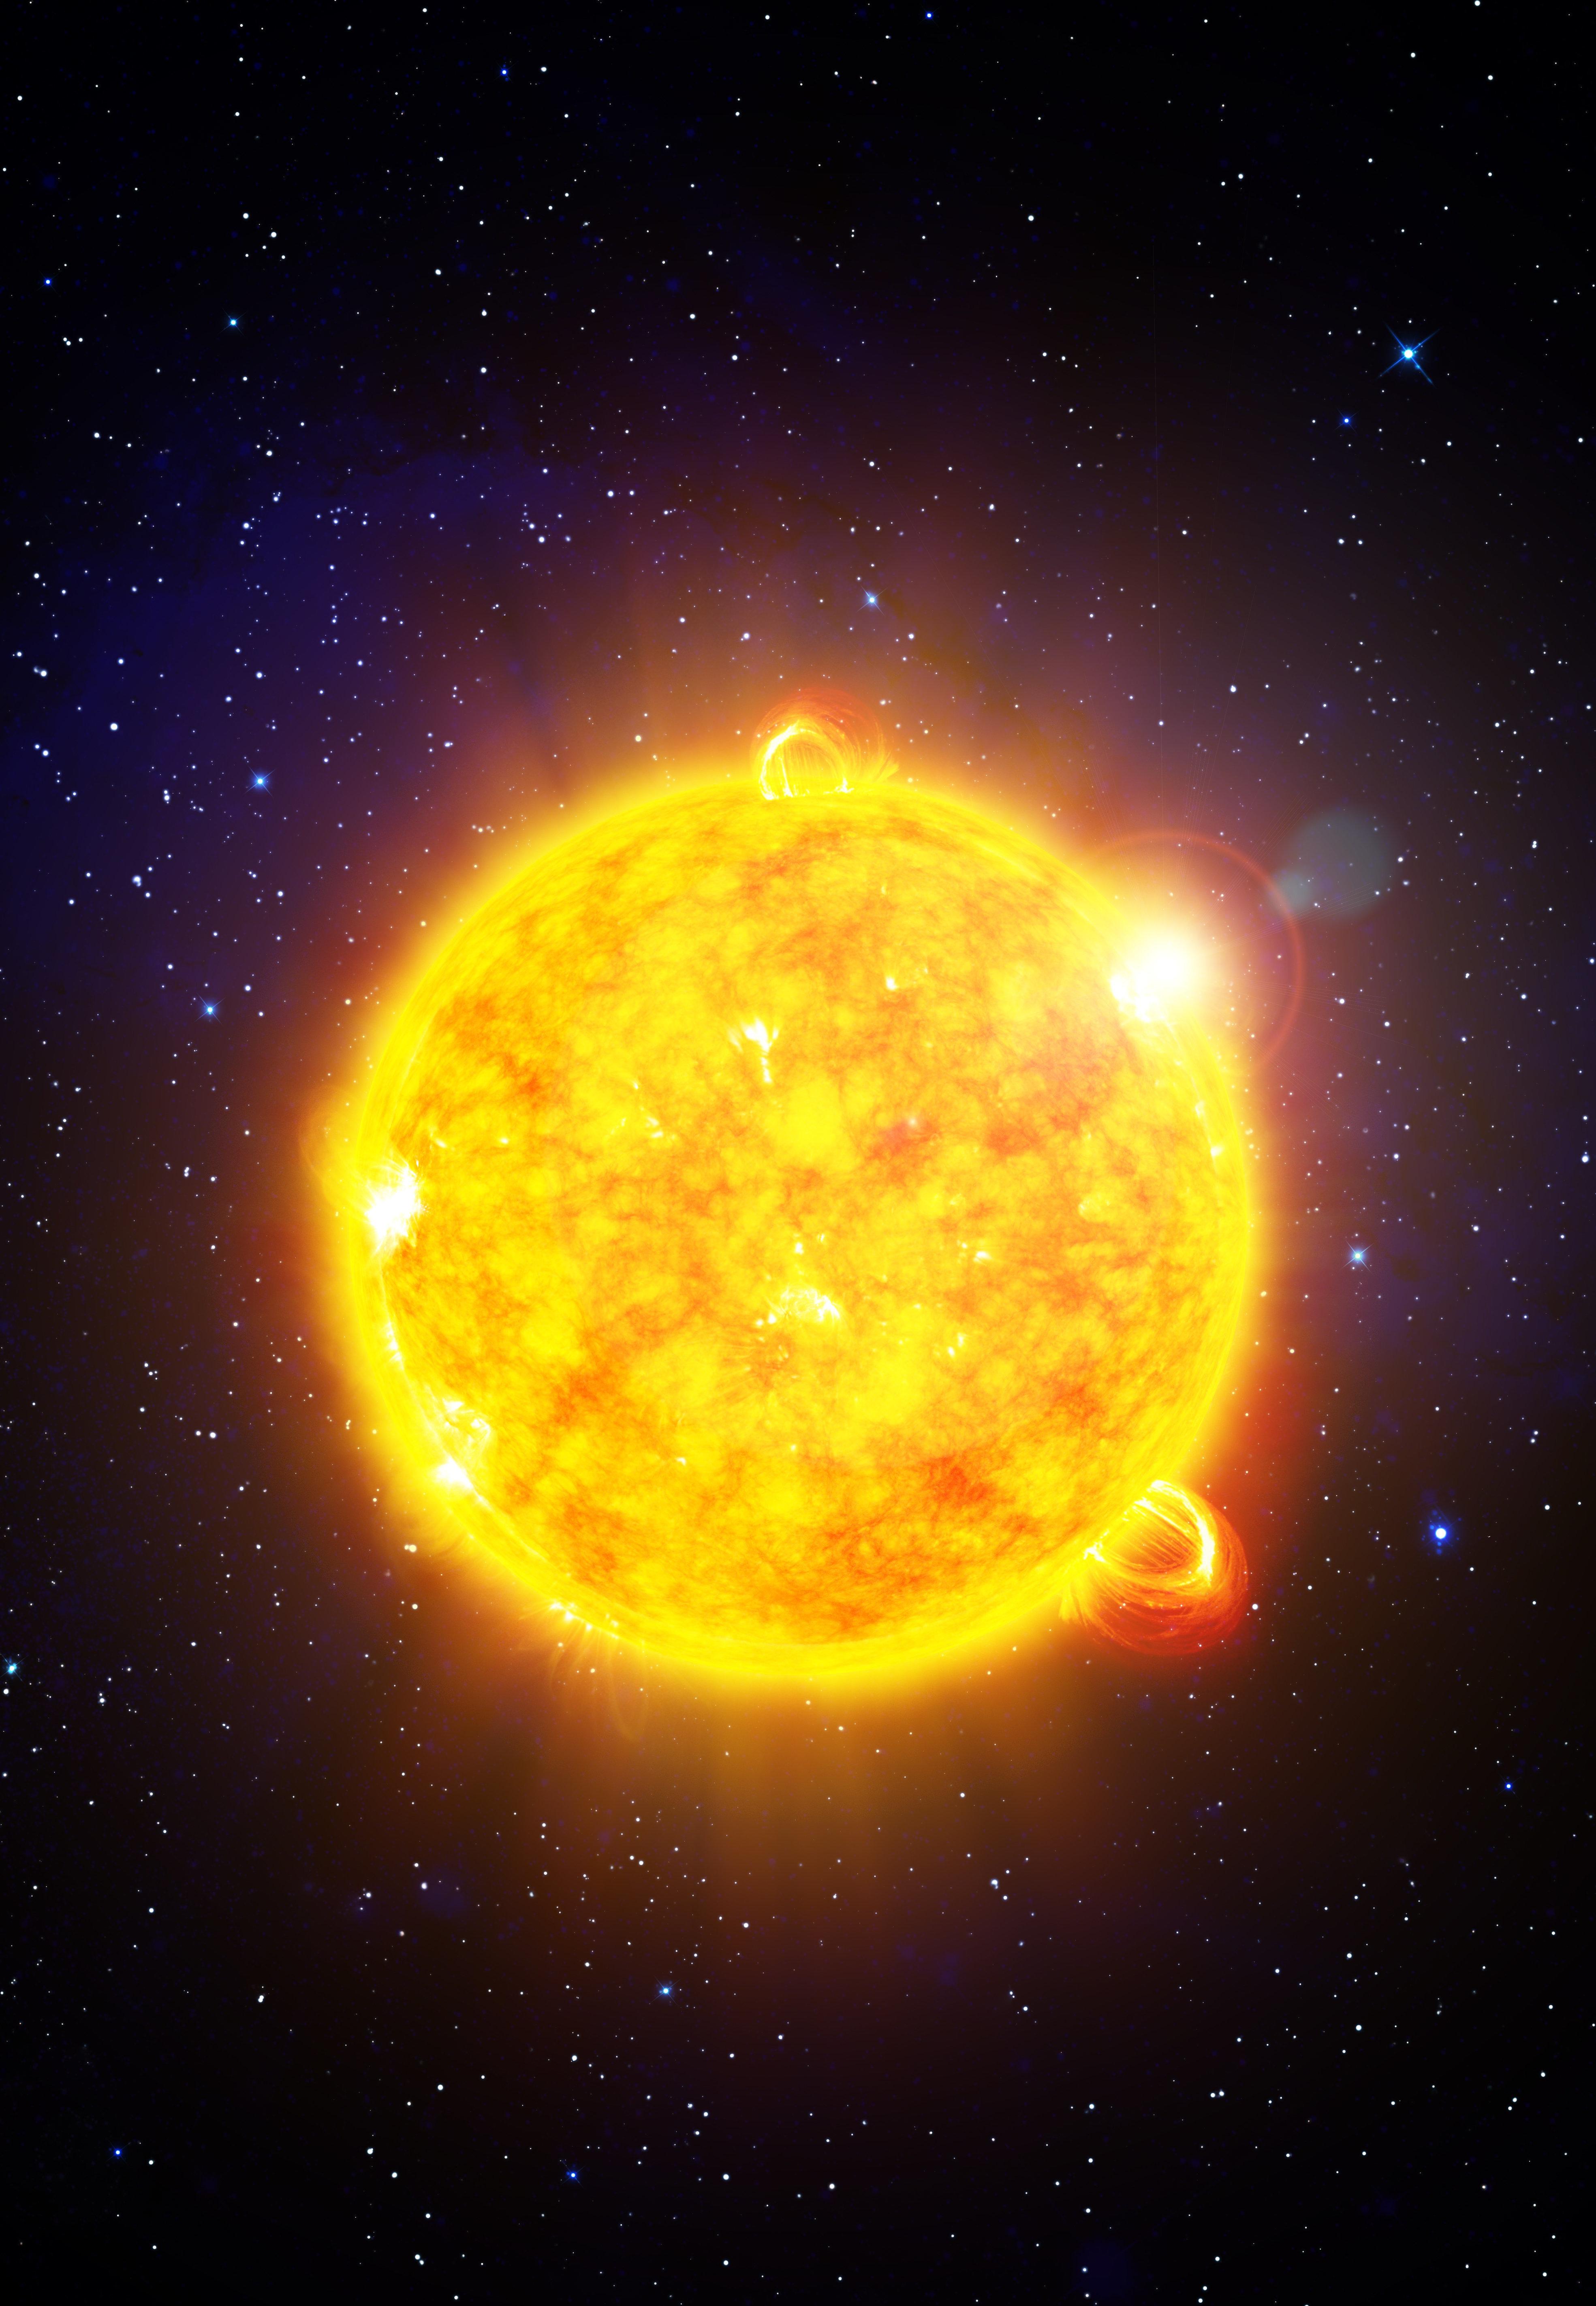 ΝASA: Η κοντινότερη φωτογραφία του ήλιου που έχει τραβηχτεί